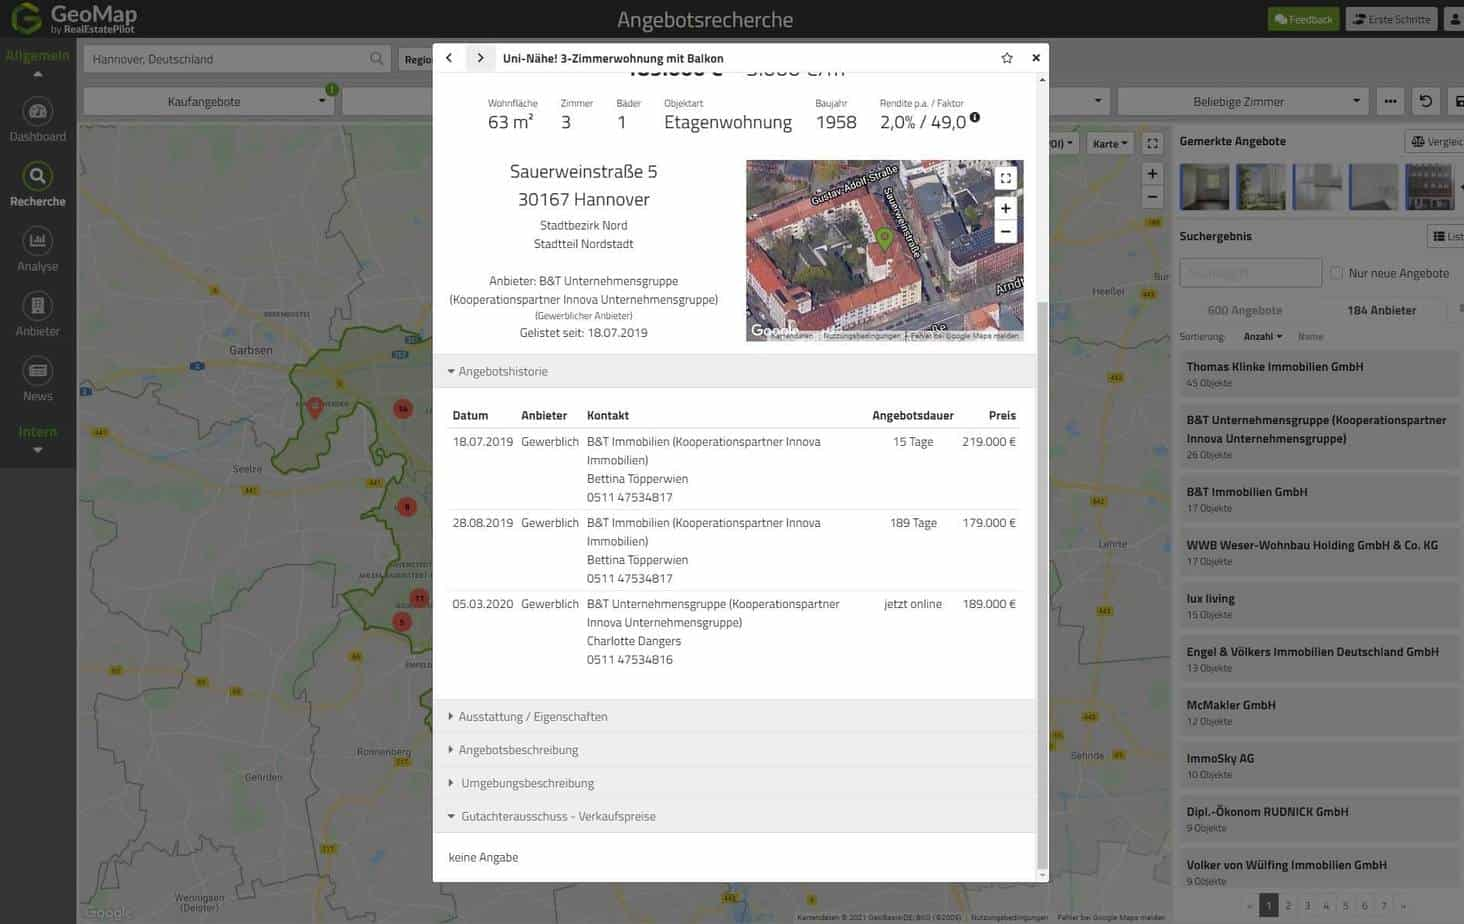 GeoMap-Angebotshistorie